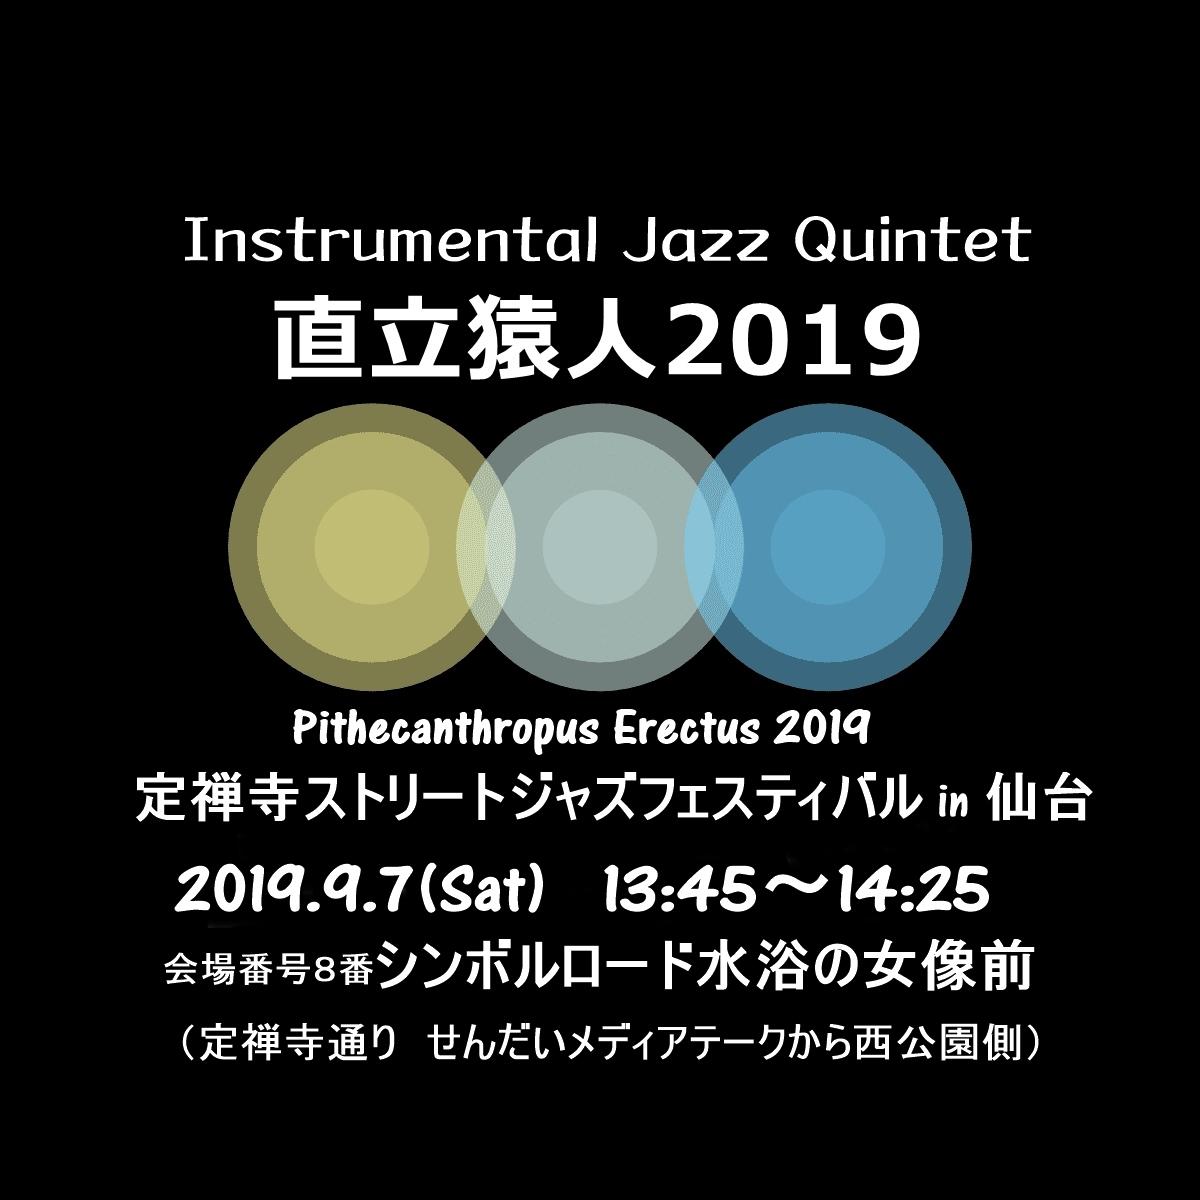 f:id:jazzwombat:20190720091249j:plain